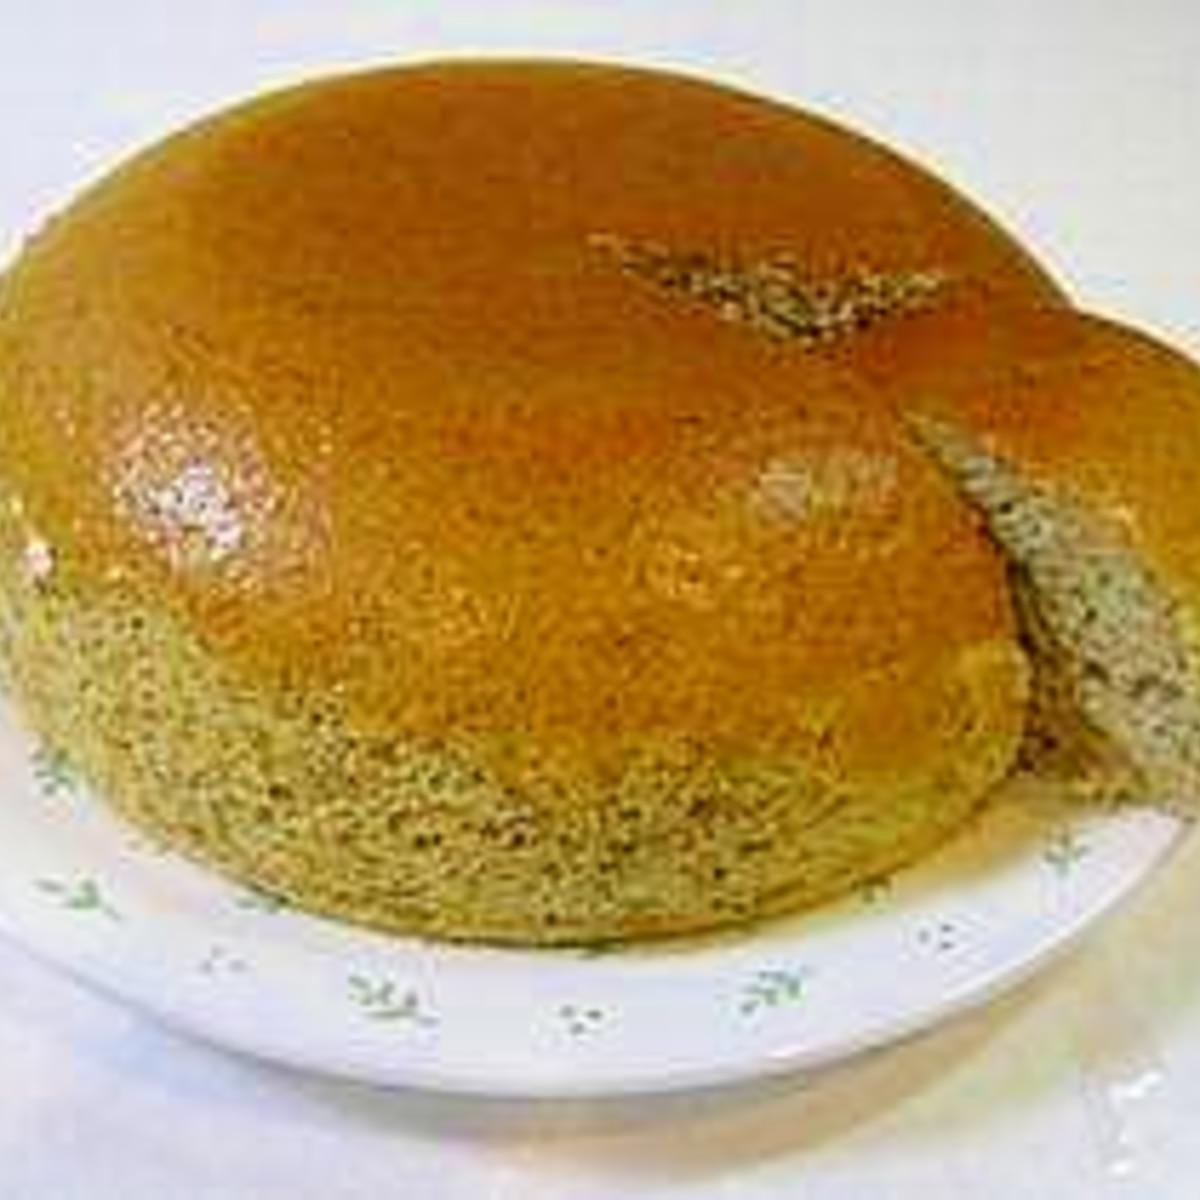 バナナ ケーキ 炊飯 器 ふわふわ